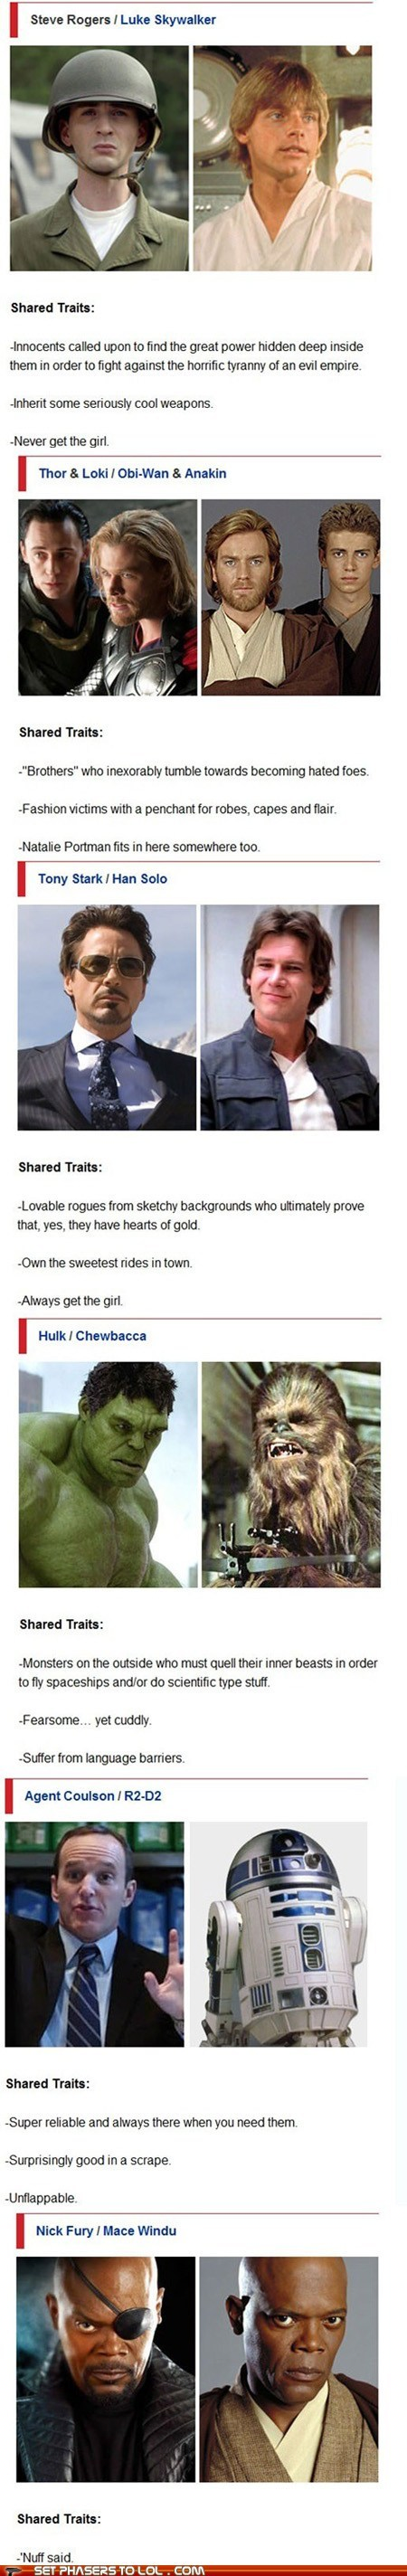 Star Wars y Vengadores: parecidos razonables